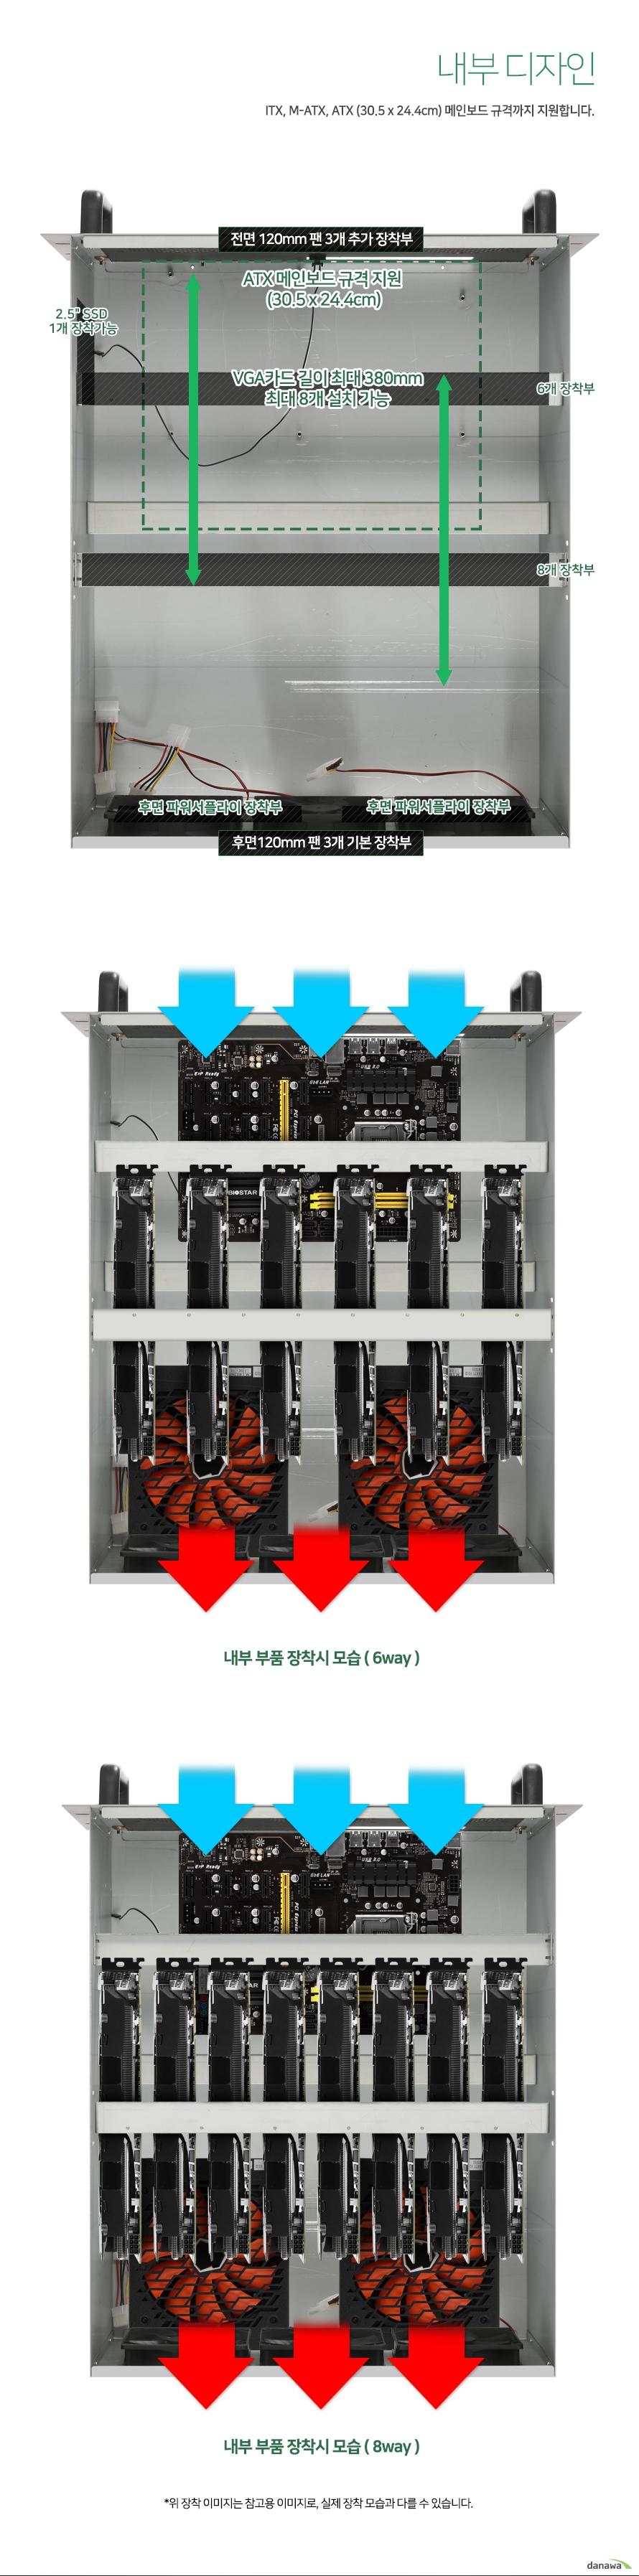 내부 디자인    itx m-atx atx 메인보드 규격까지 지원합니다.        그래픽카드 길이 최대 380밀리미터 최대 8개까지 설치가 가능합니다.    그래픽 카드는 6way 또는 8way로 원하는 갯수에 맞게 설치가 가능합니다.    측면부에는 2.5인치 ssd 1개를 장착 가능합니다.